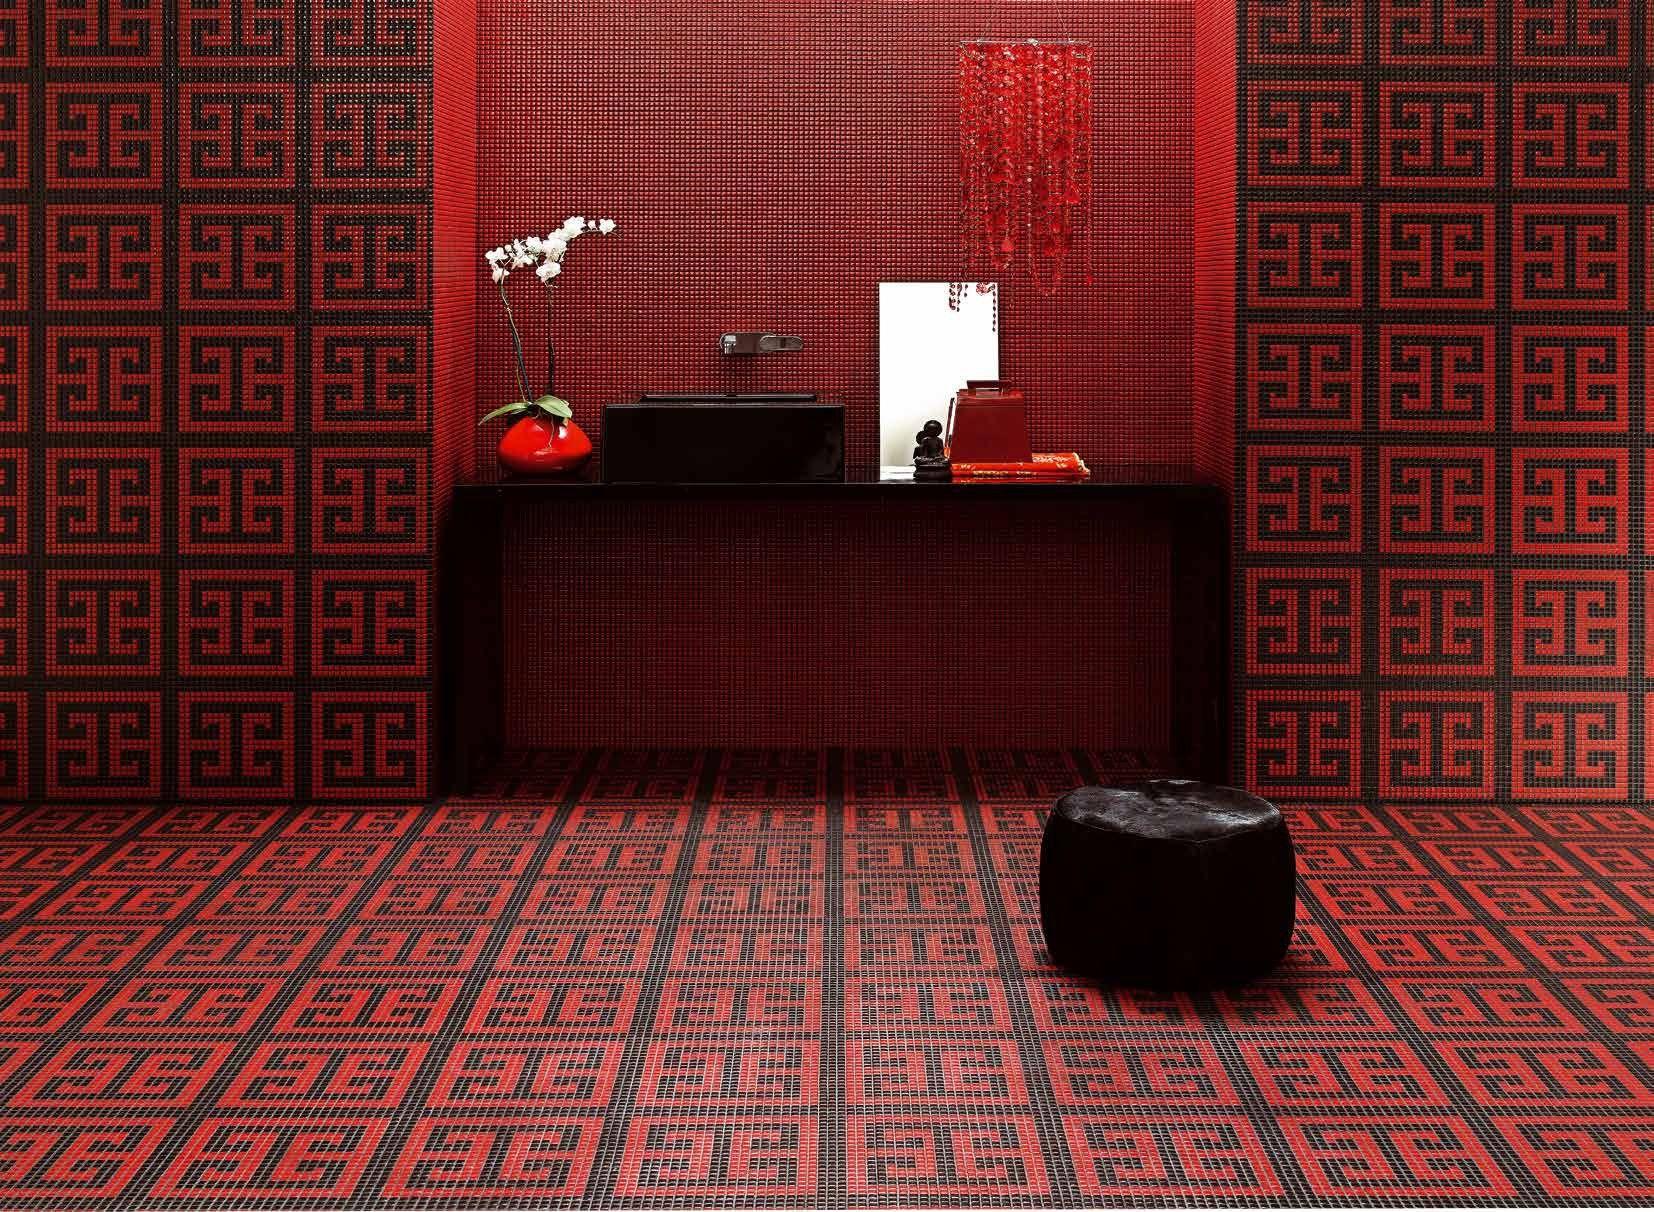 mosaik kunst bisazza verkleidung, bisazza #decorations opus romano key red | feinsteinzeug | im, Design ideen